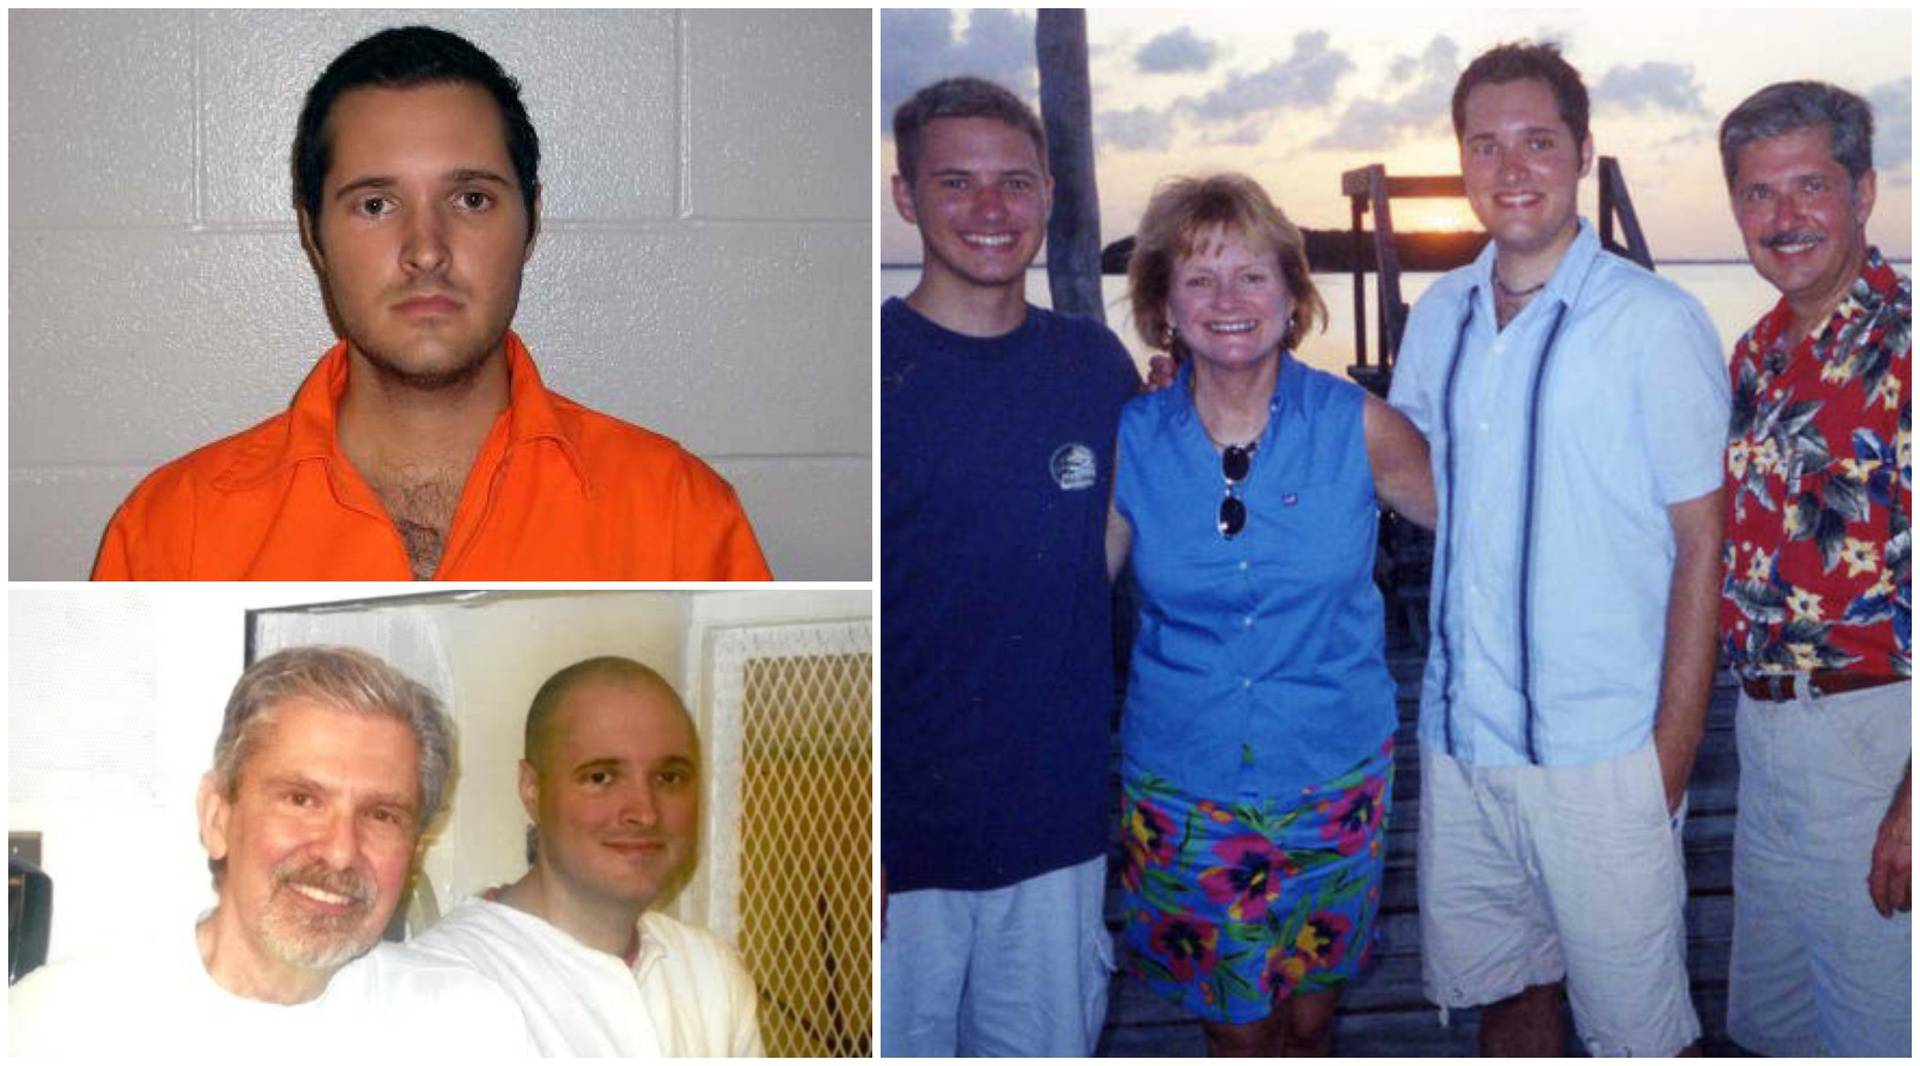 Jedva je oprostio ubojici svoje obitelji pa saznao da je masakr isplanirao njegov bolesni sin!